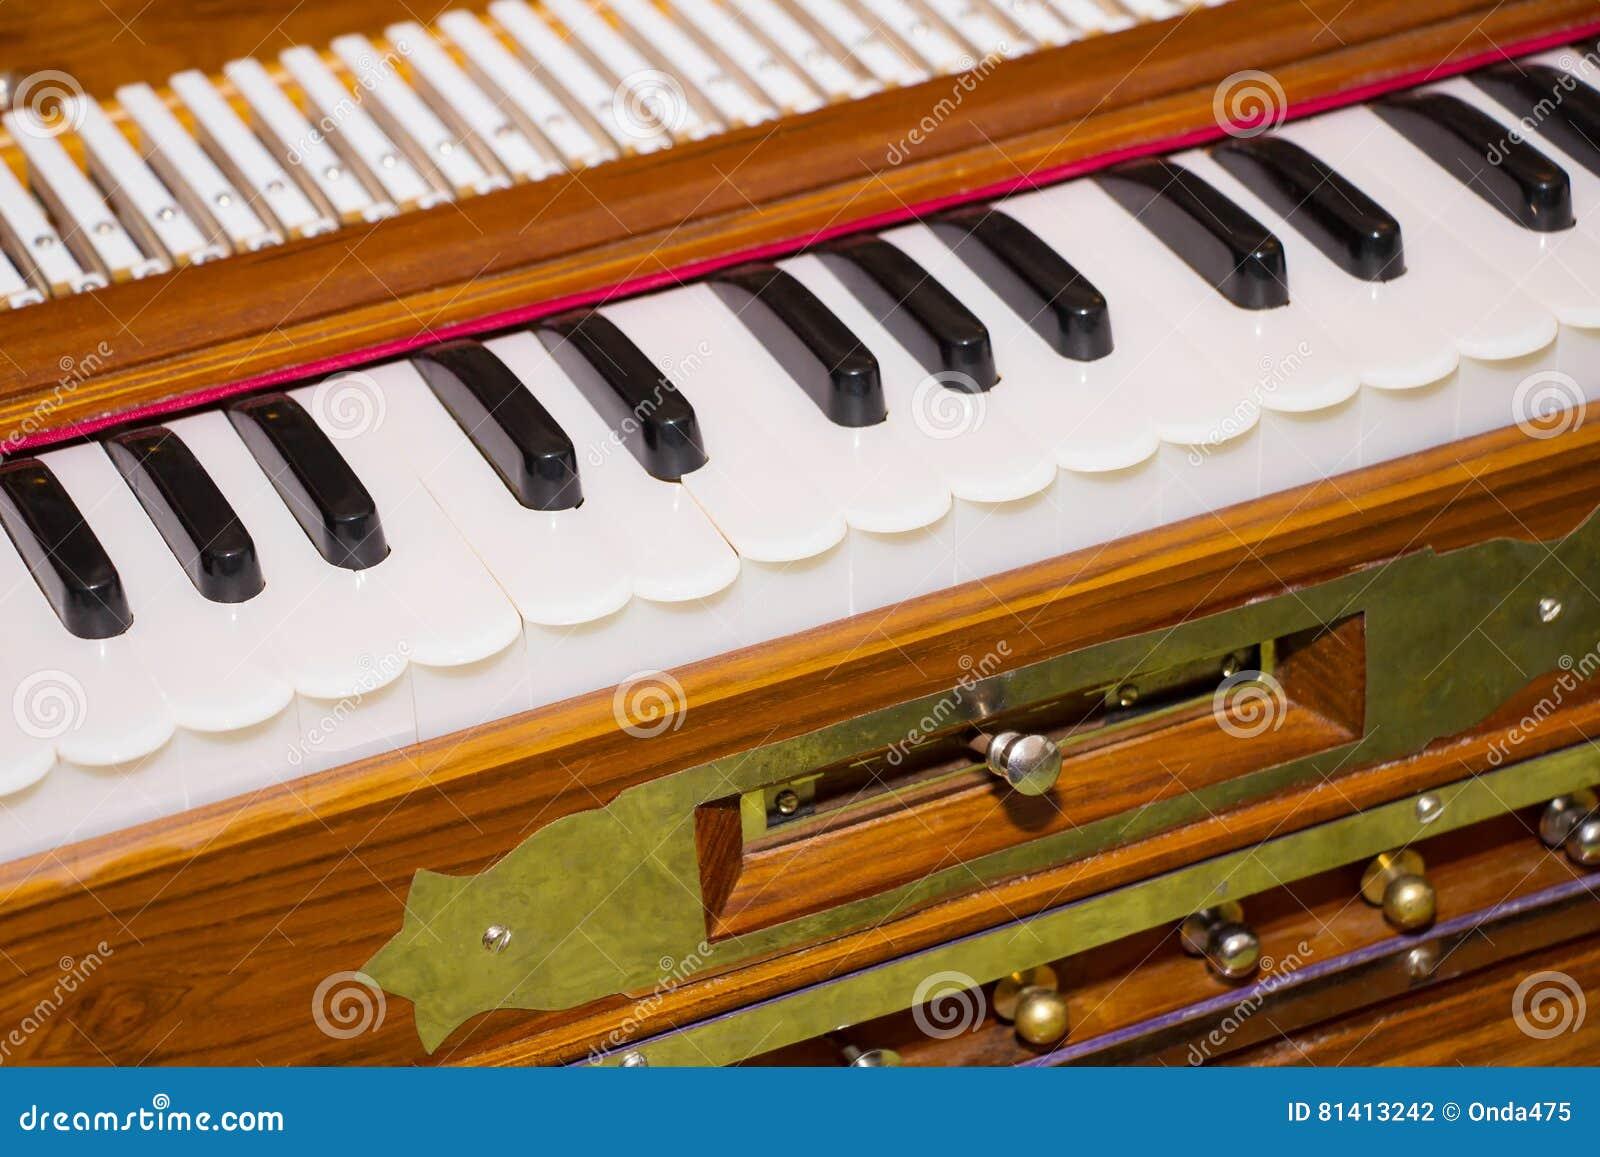 Σύγχρονο φορητό harmonium, παραδοσιακό μουσικό instrume πληκτρολογίων